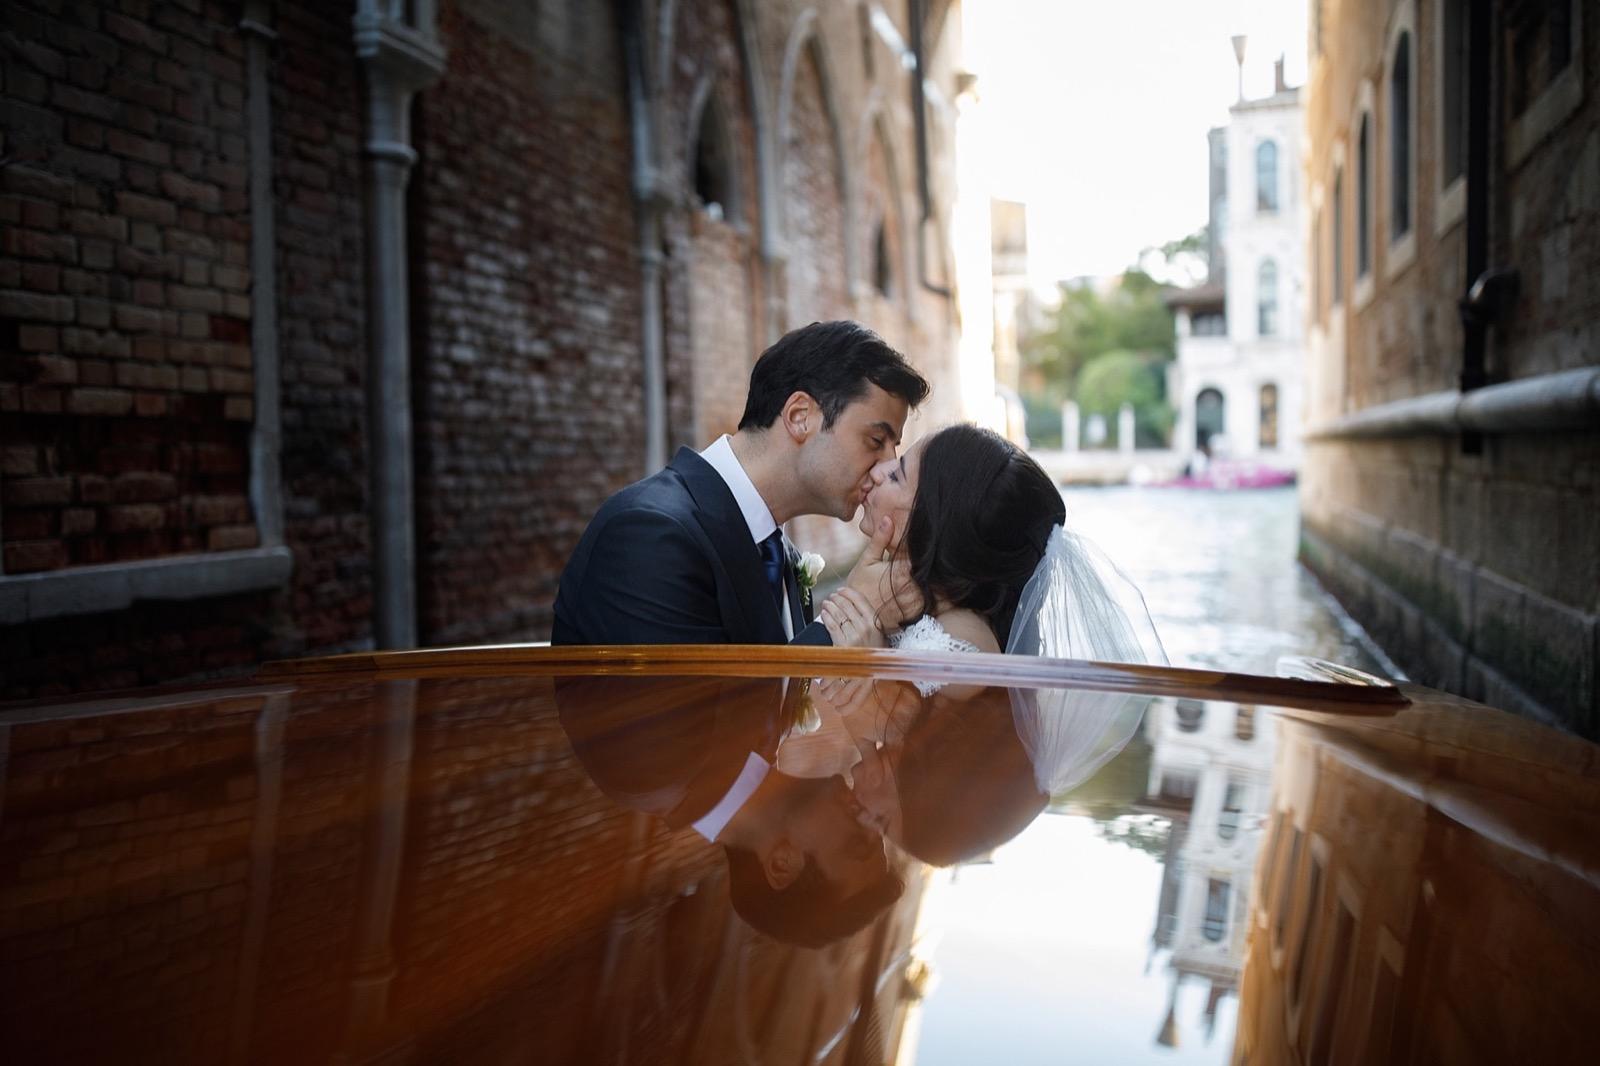 Matrimonio_Venezia109